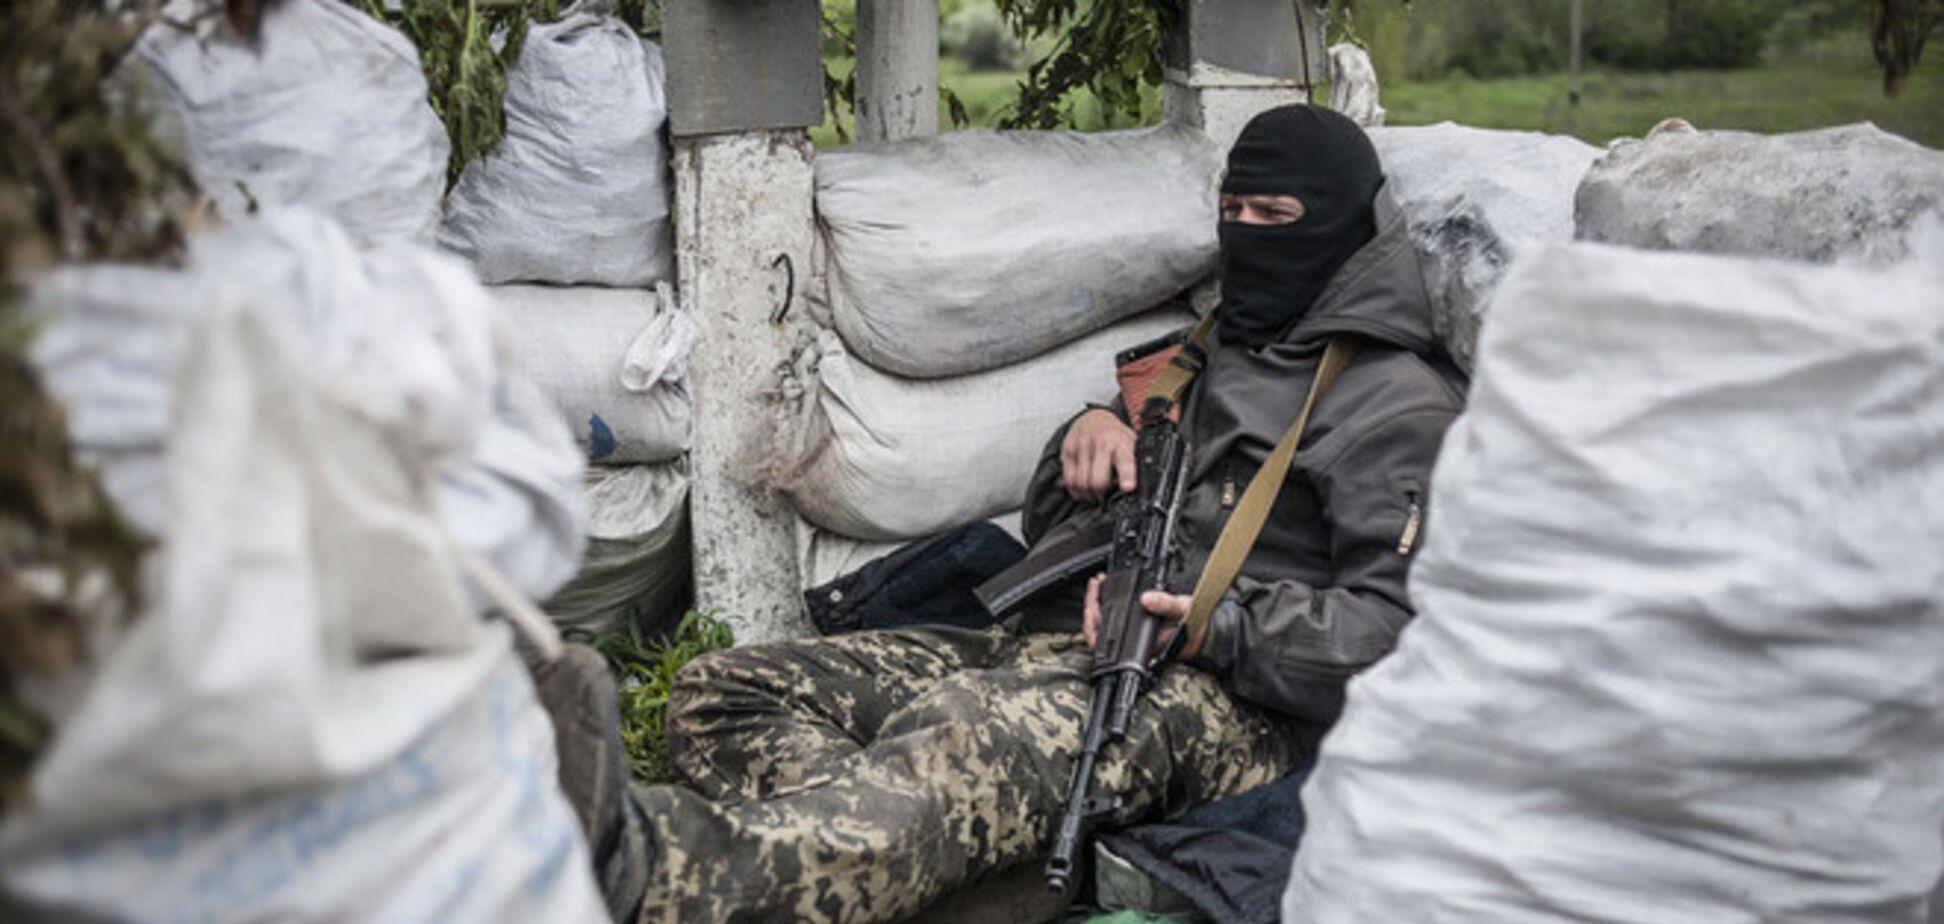 Из Одессы в Киев пытались перечислить 4 млн грн на подготовку теракта